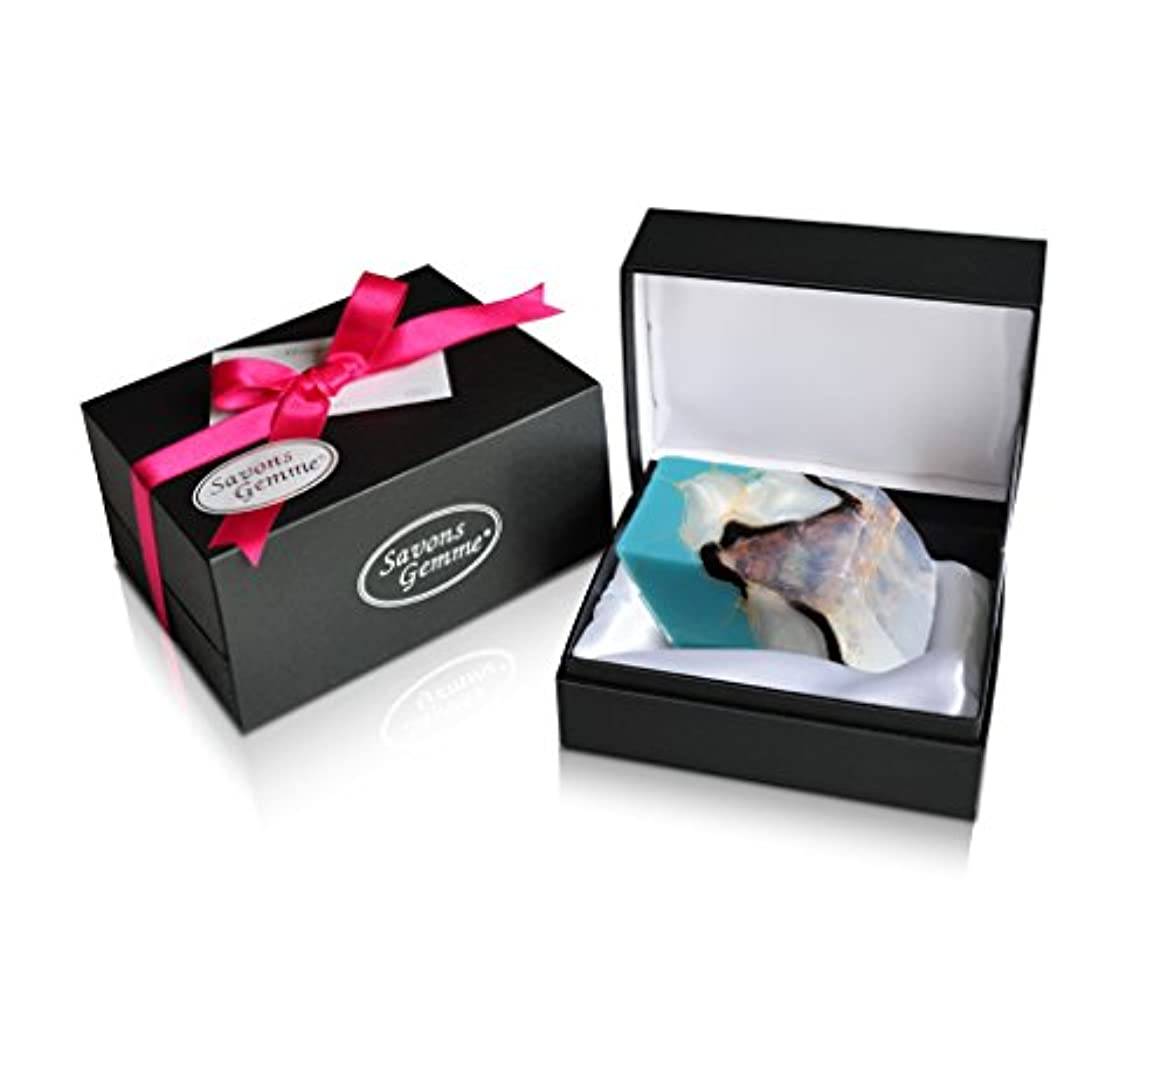 褐色深めるでるSavons Gemme サボンジェム ジュエリーギフトボックス 世界で一番美しい宝石石鹸 フレグランス ソープ ターコイズ 170g